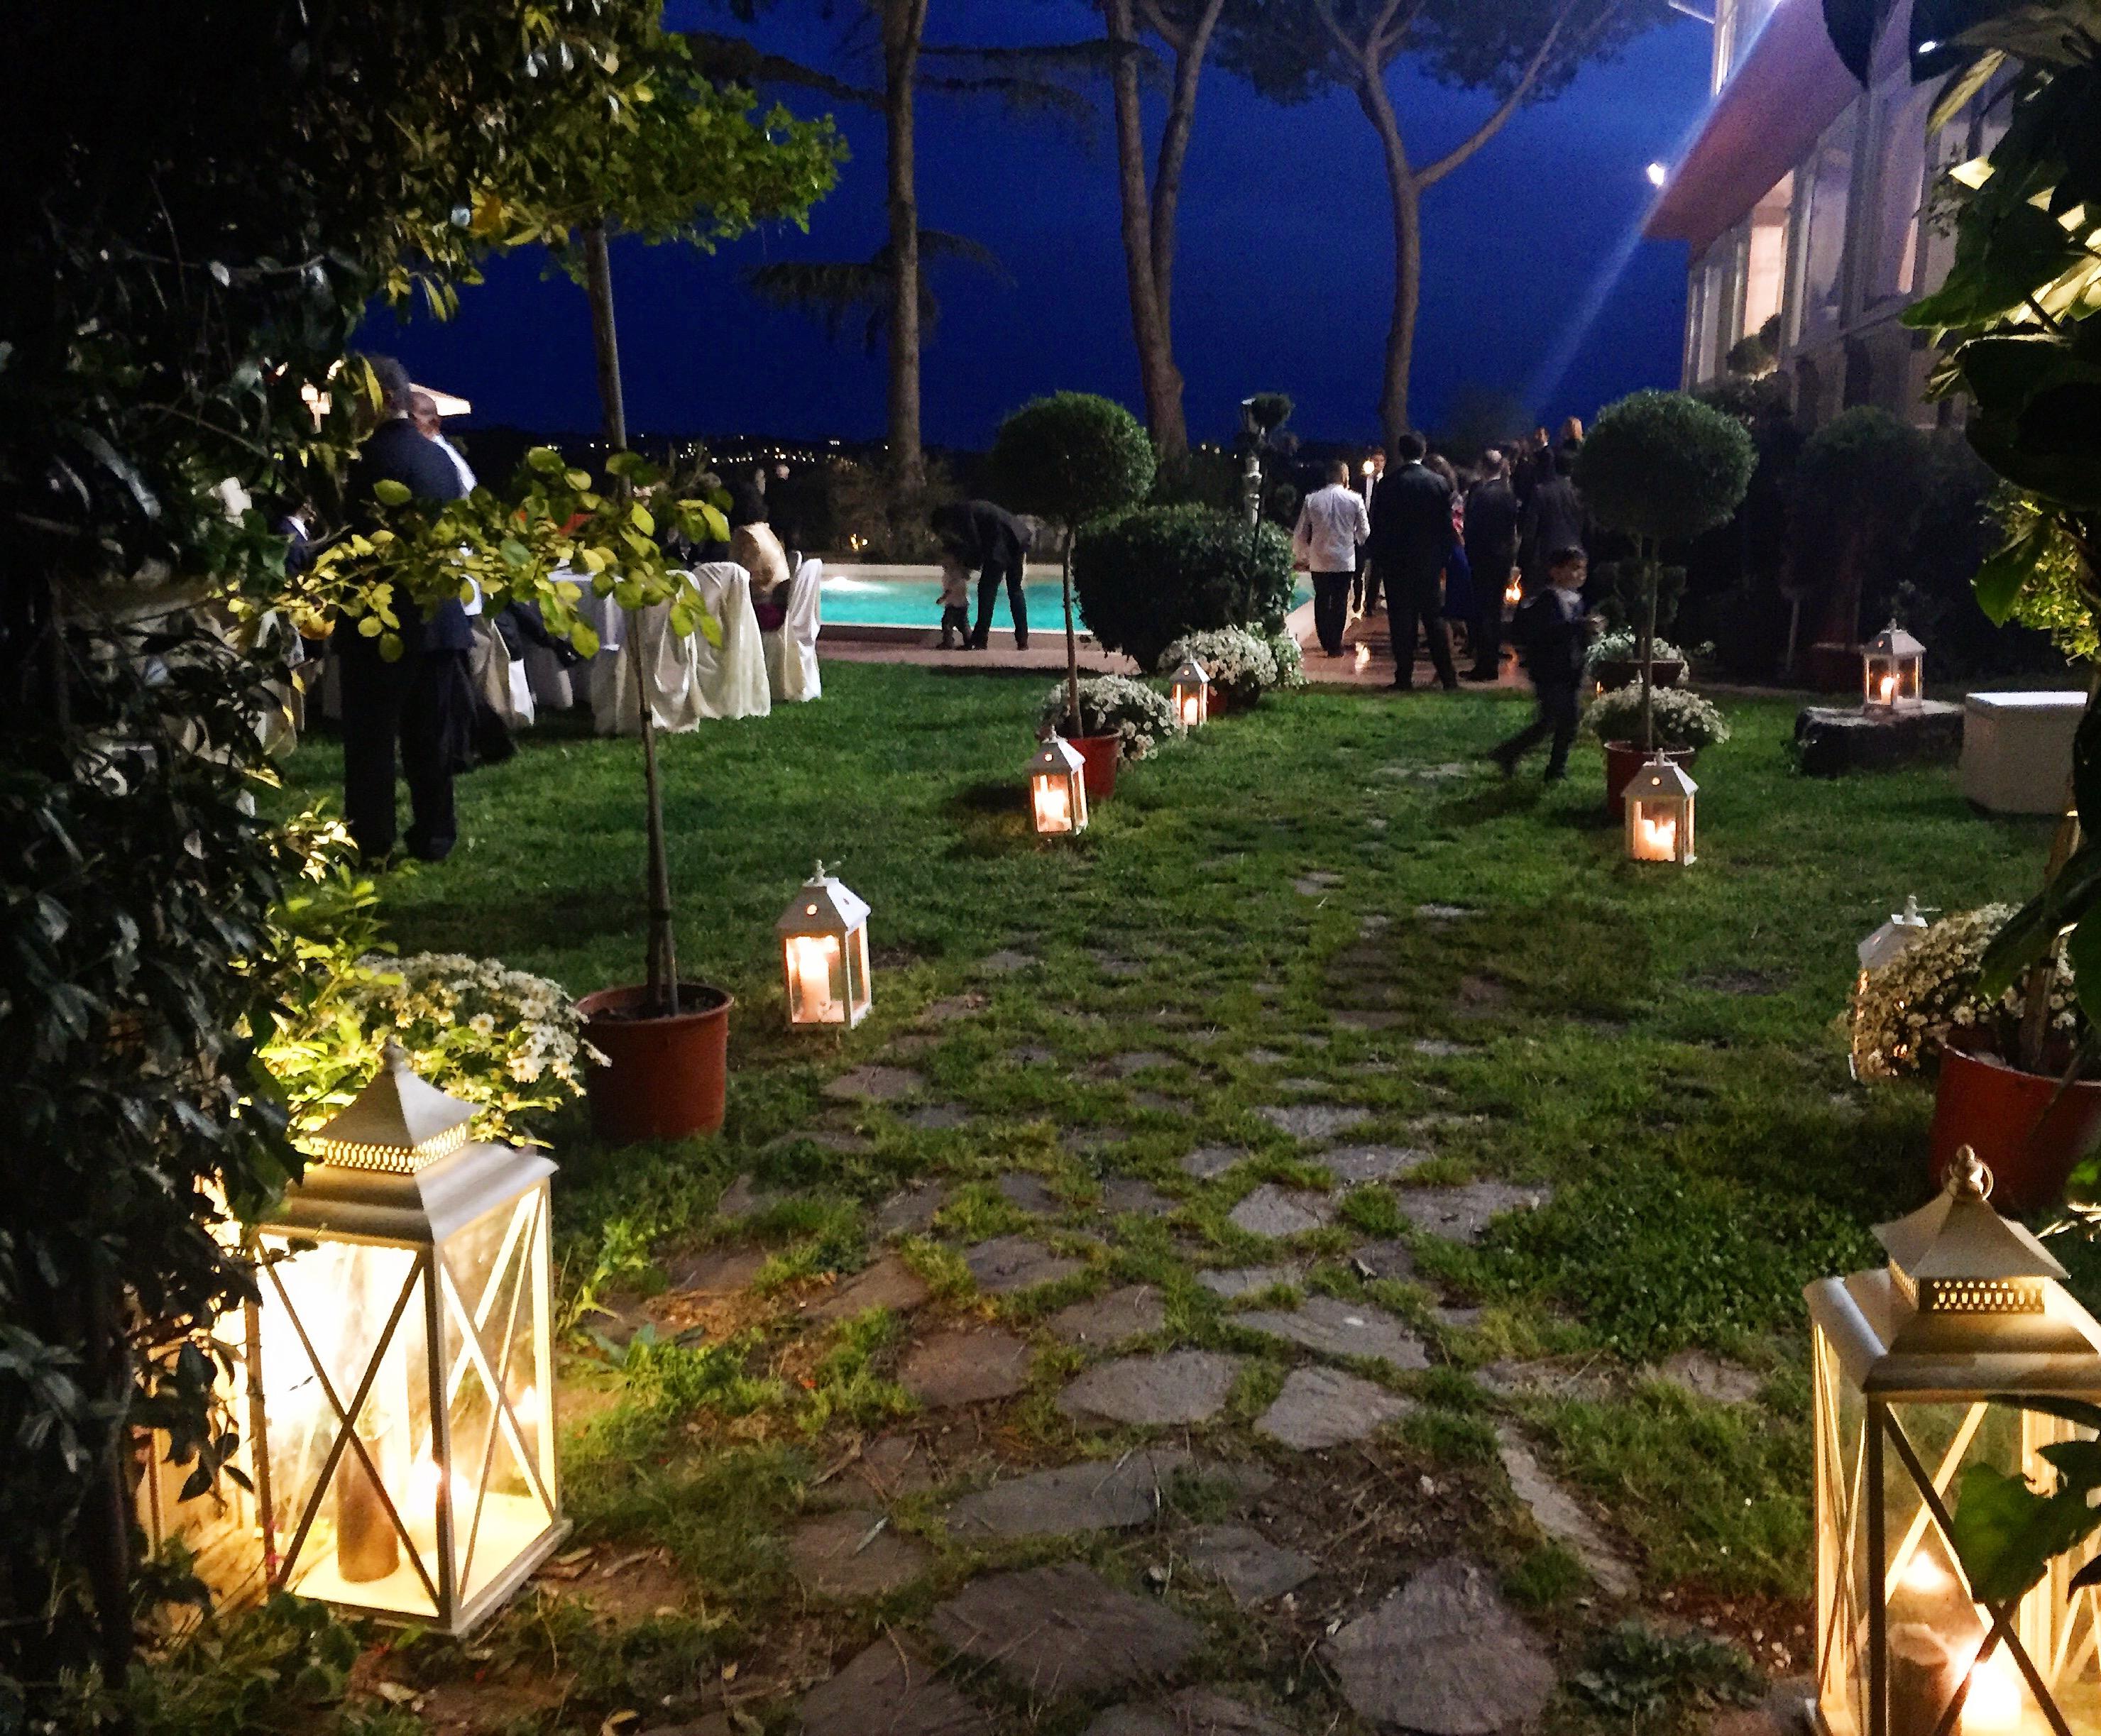 Illuminazione scenografica con lanterne di Villa Majestic